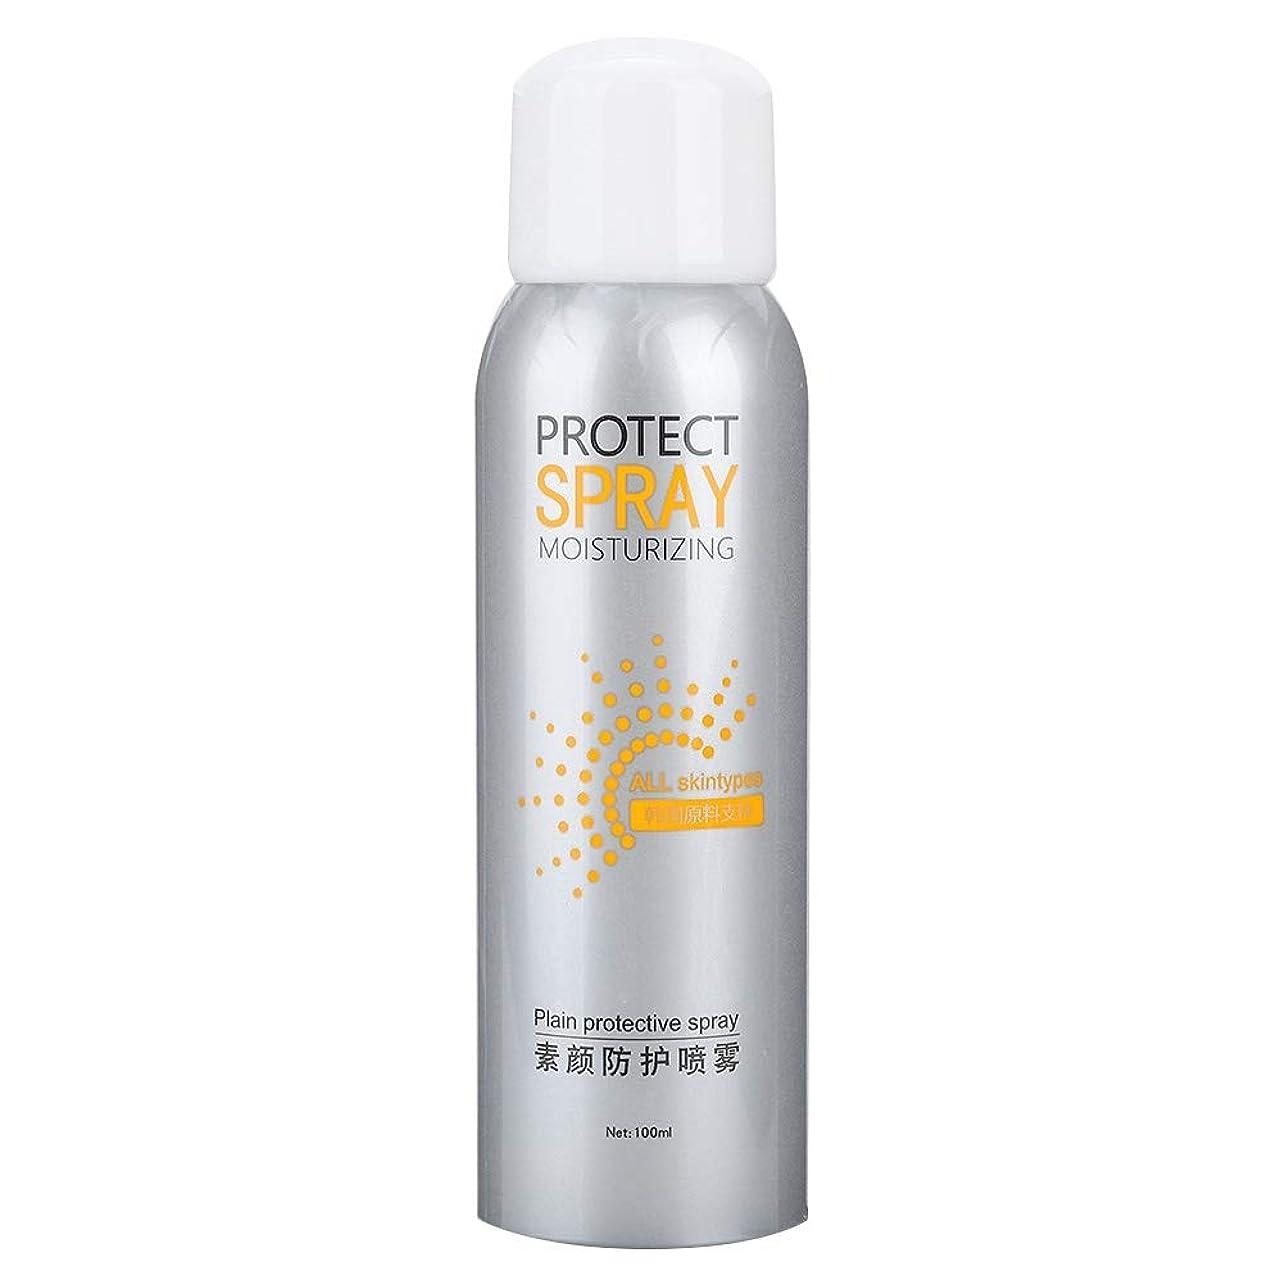 ハプニング倍率ベリ100ml日焼け止めスプレー、保湿分離ホワイトニング、サマープレーン保護スプレー